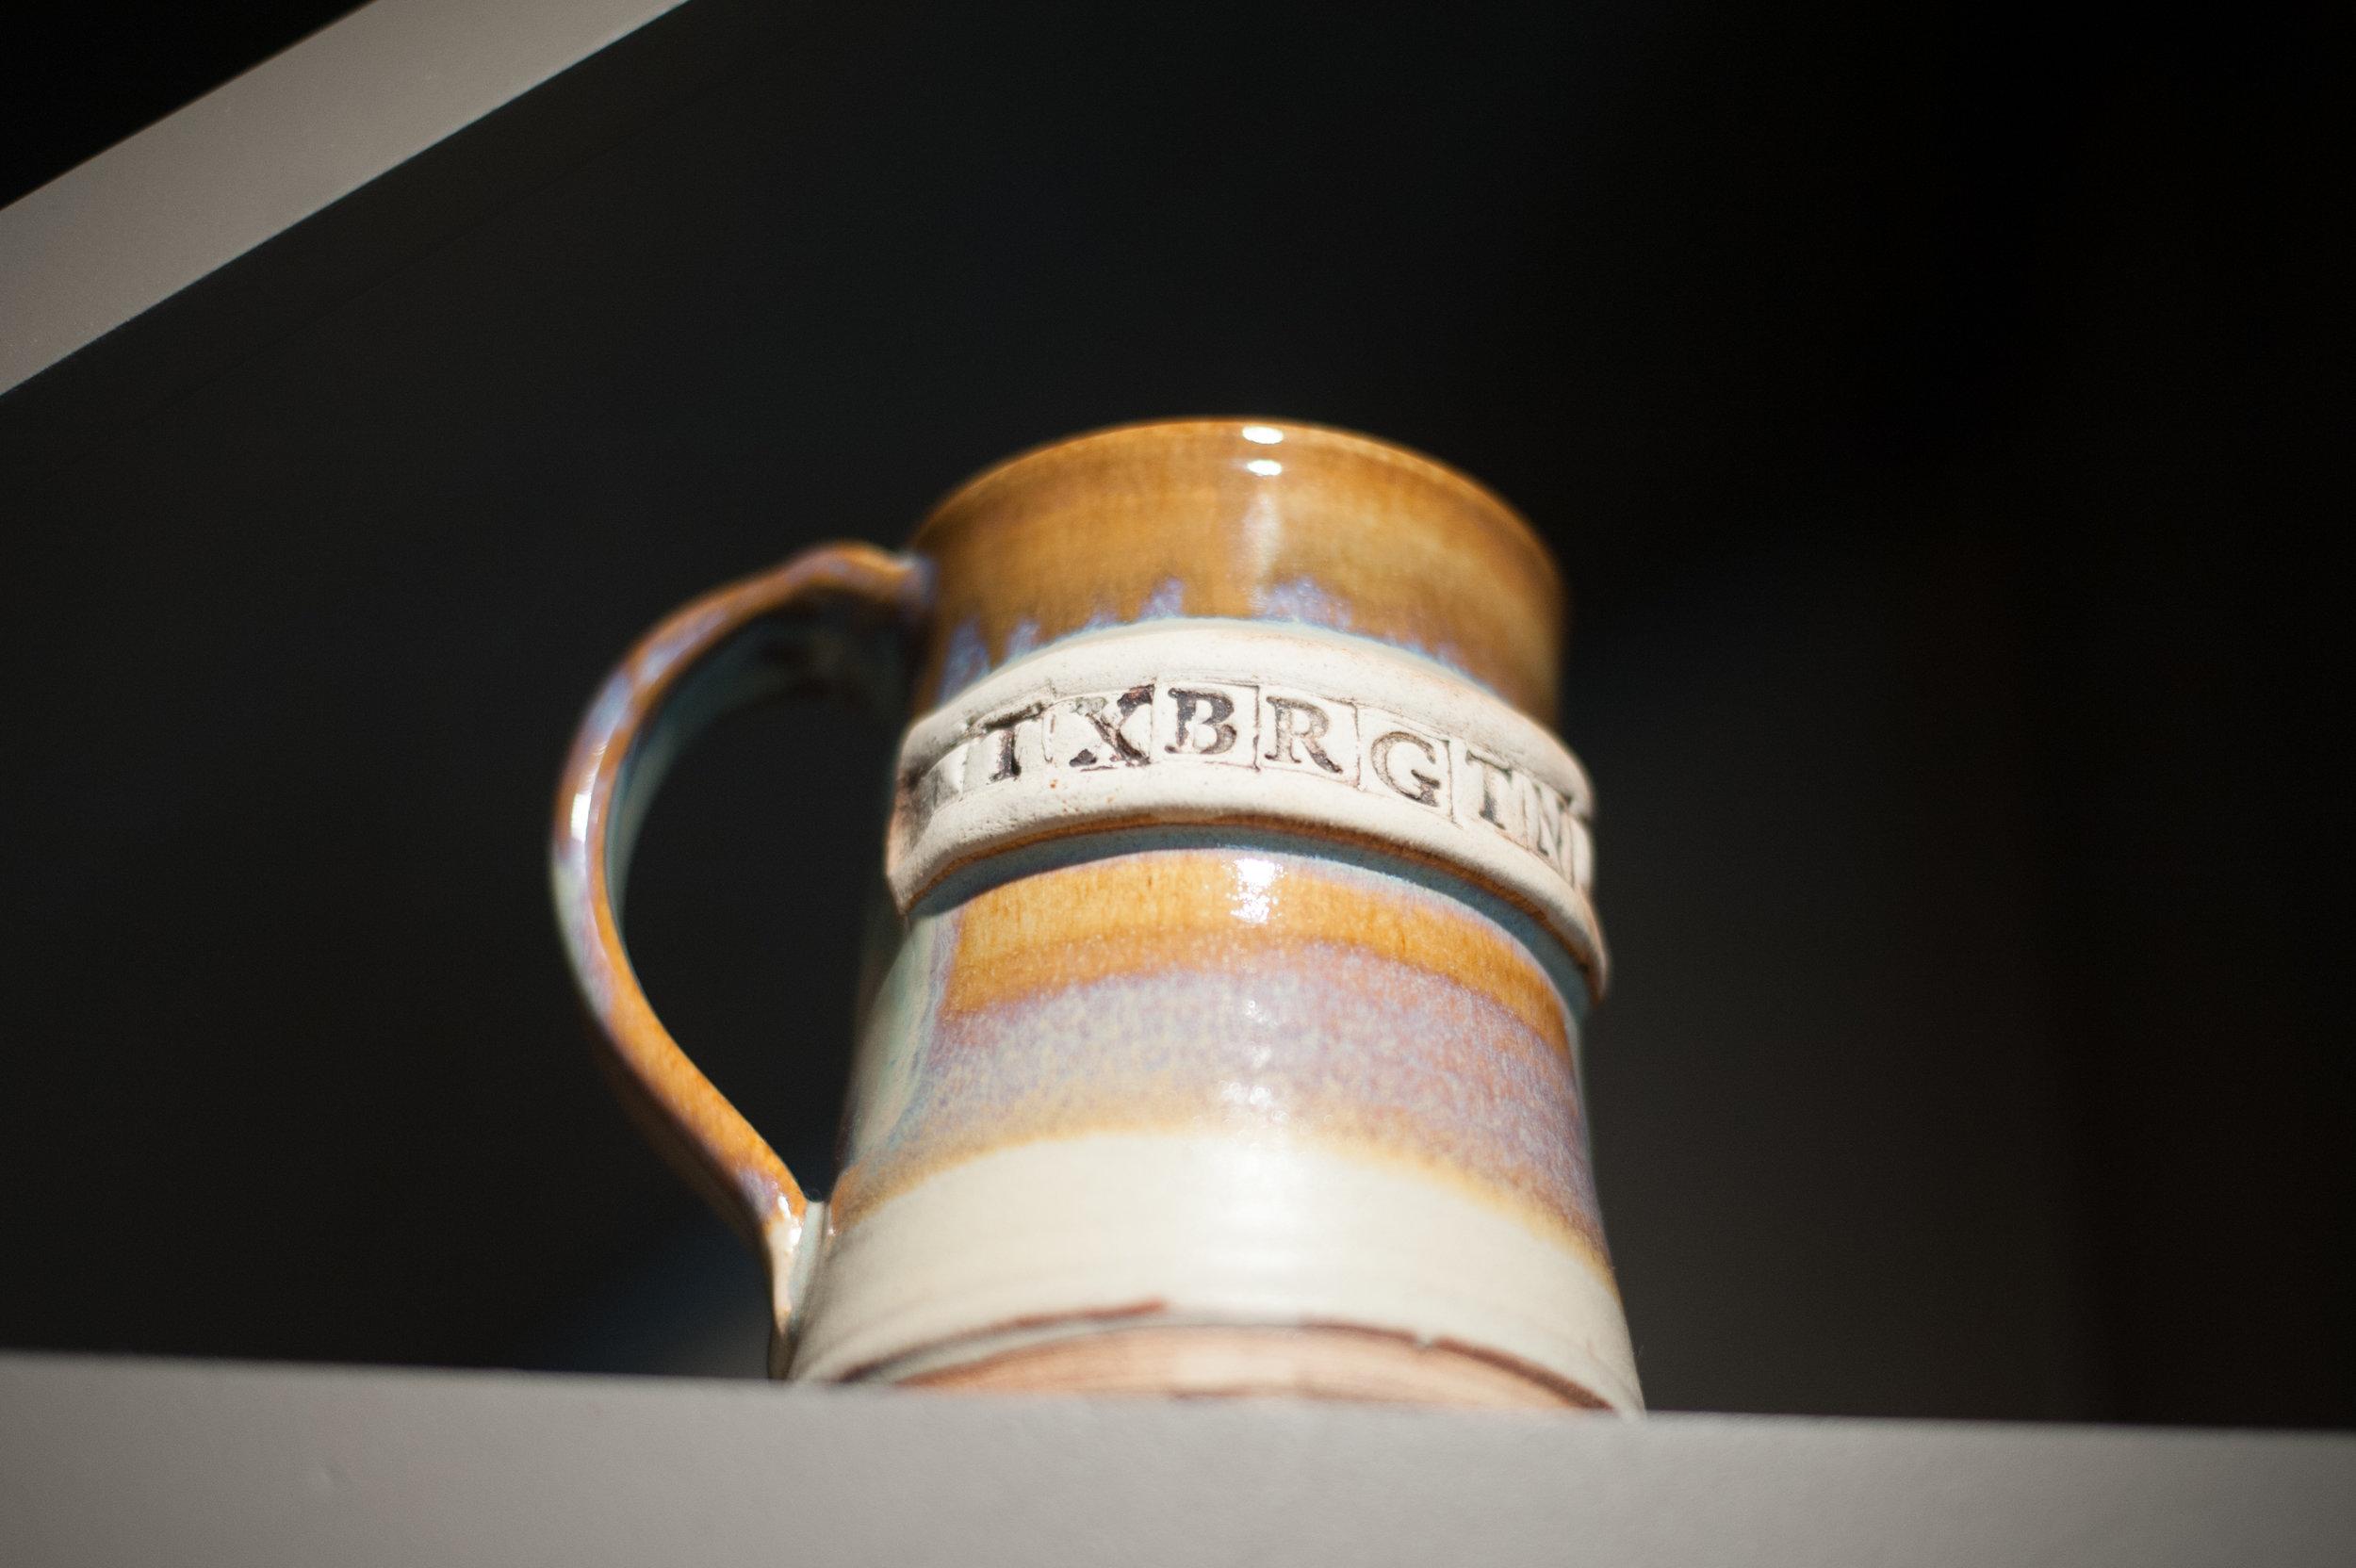 txbrgtn-31.jpg